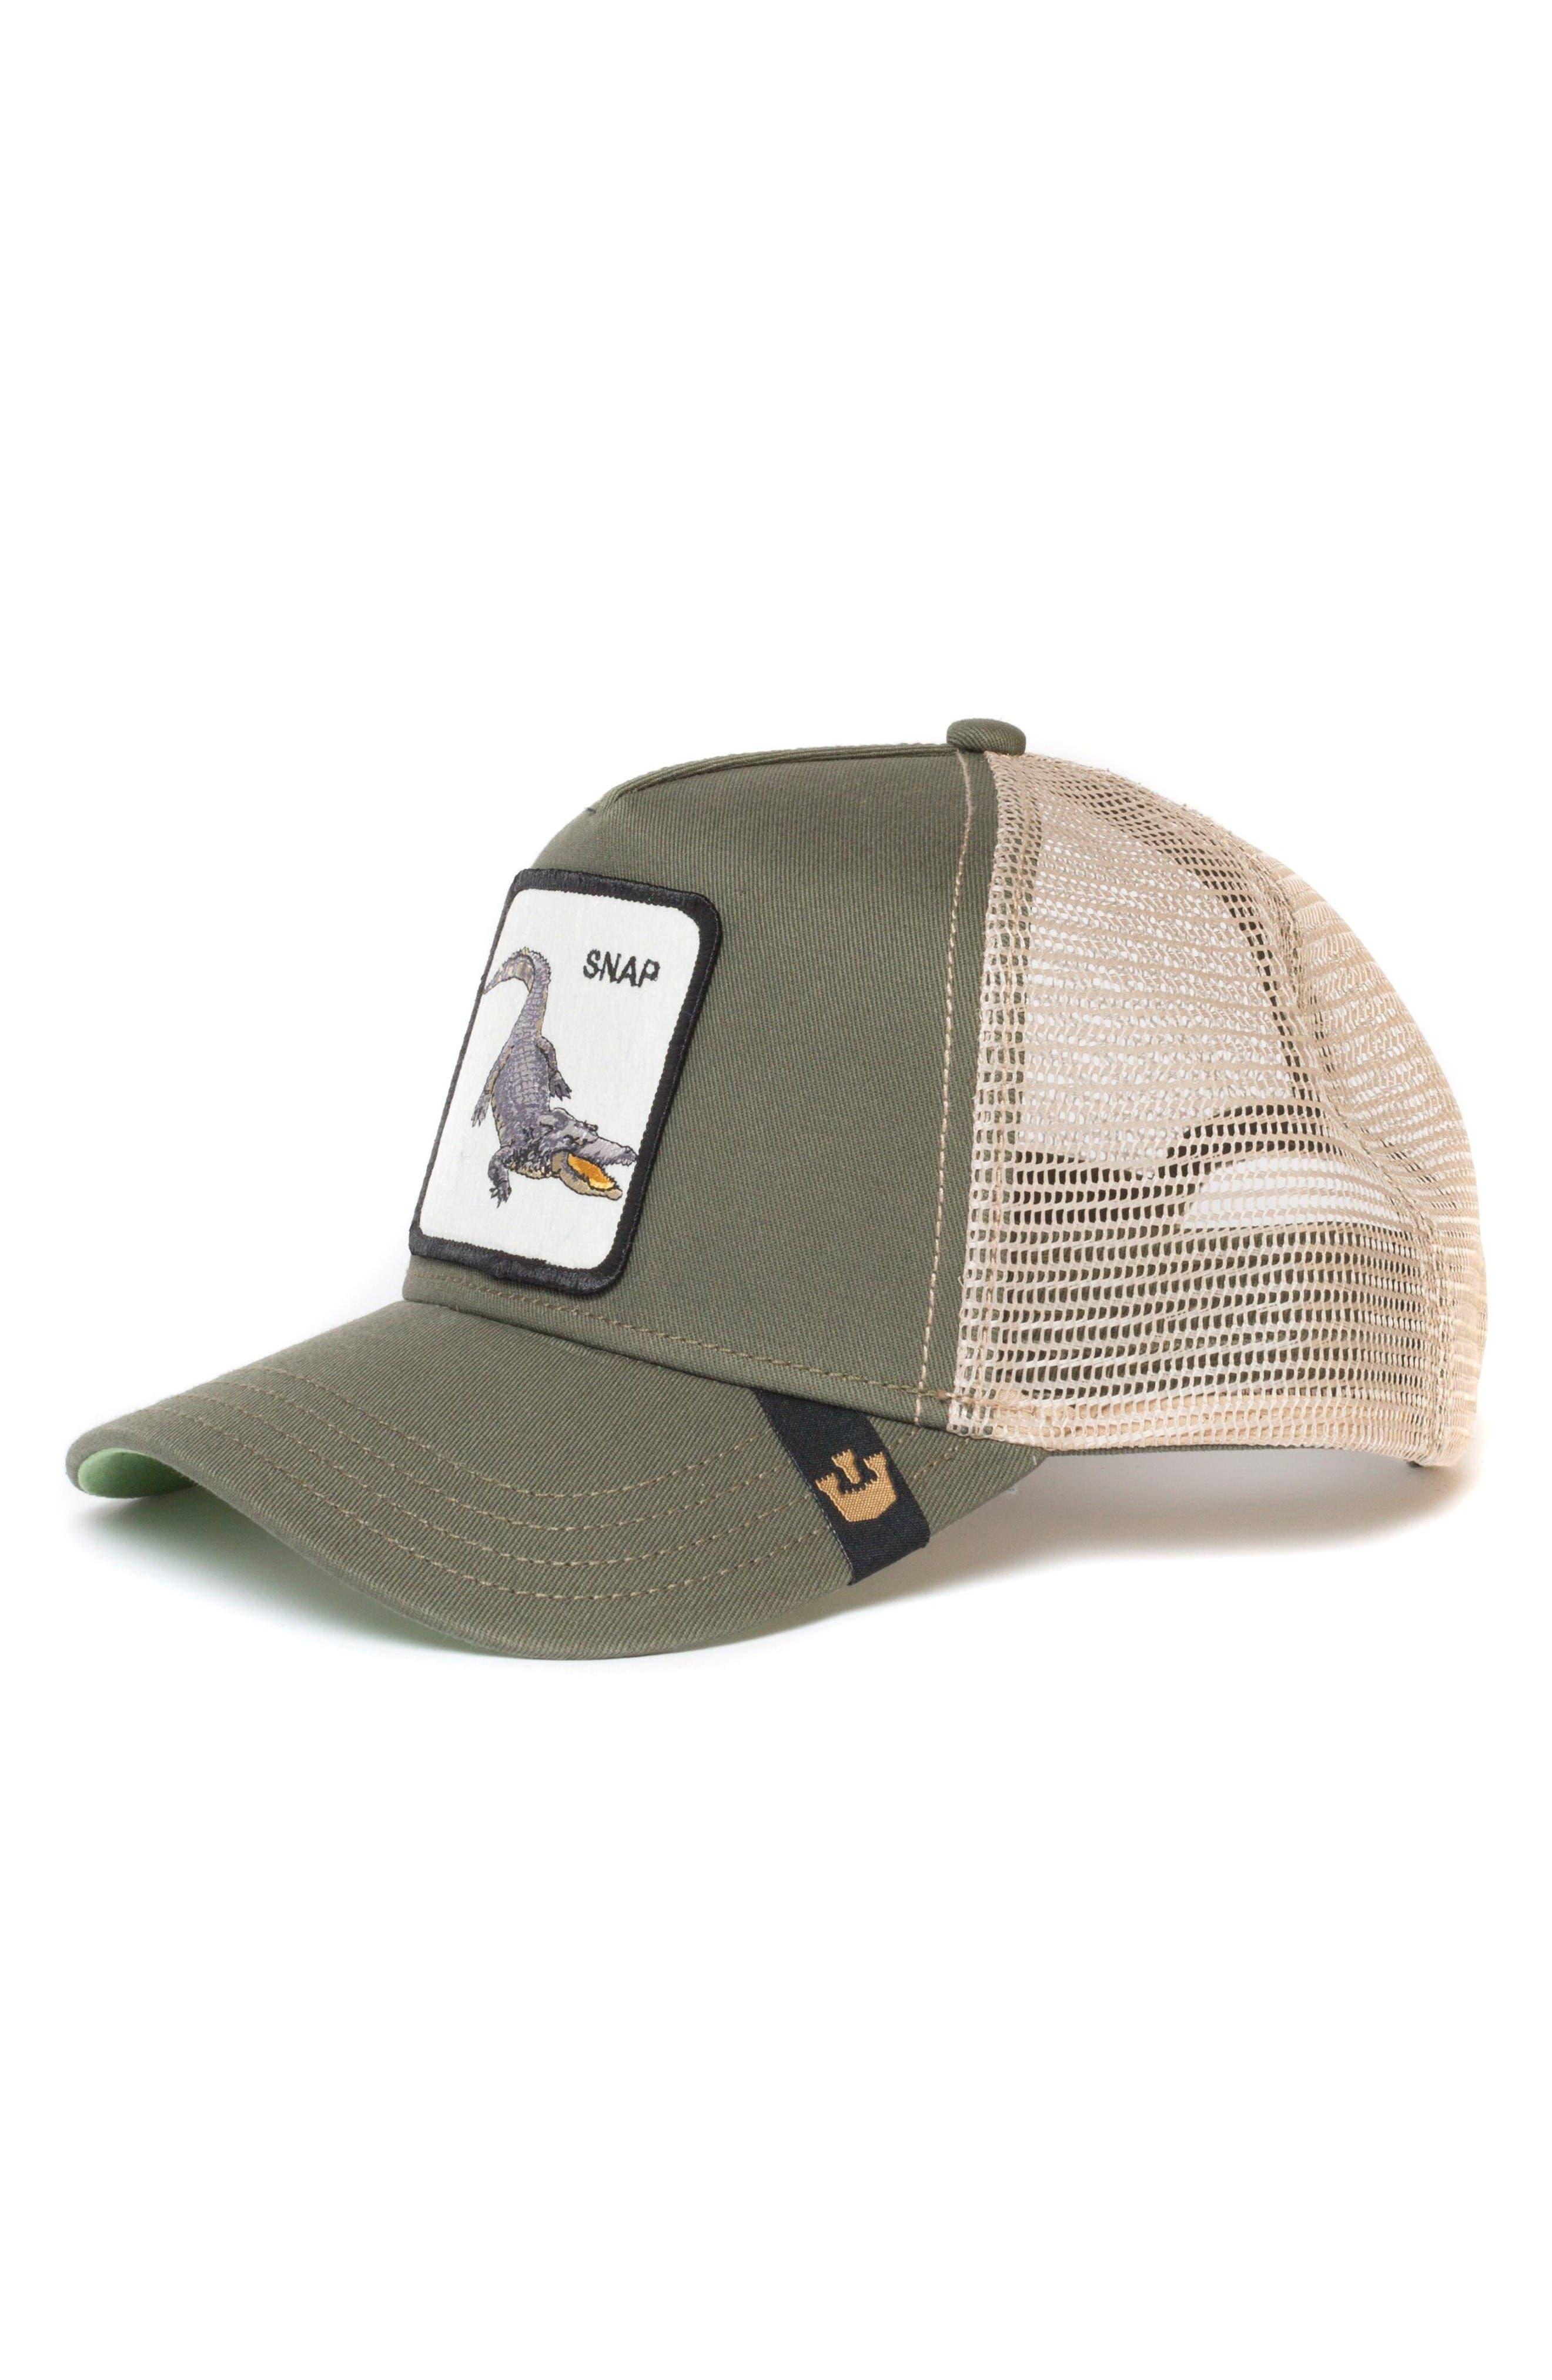 Main Image - Goorin Brothers Snap at Ya Trucker Hat